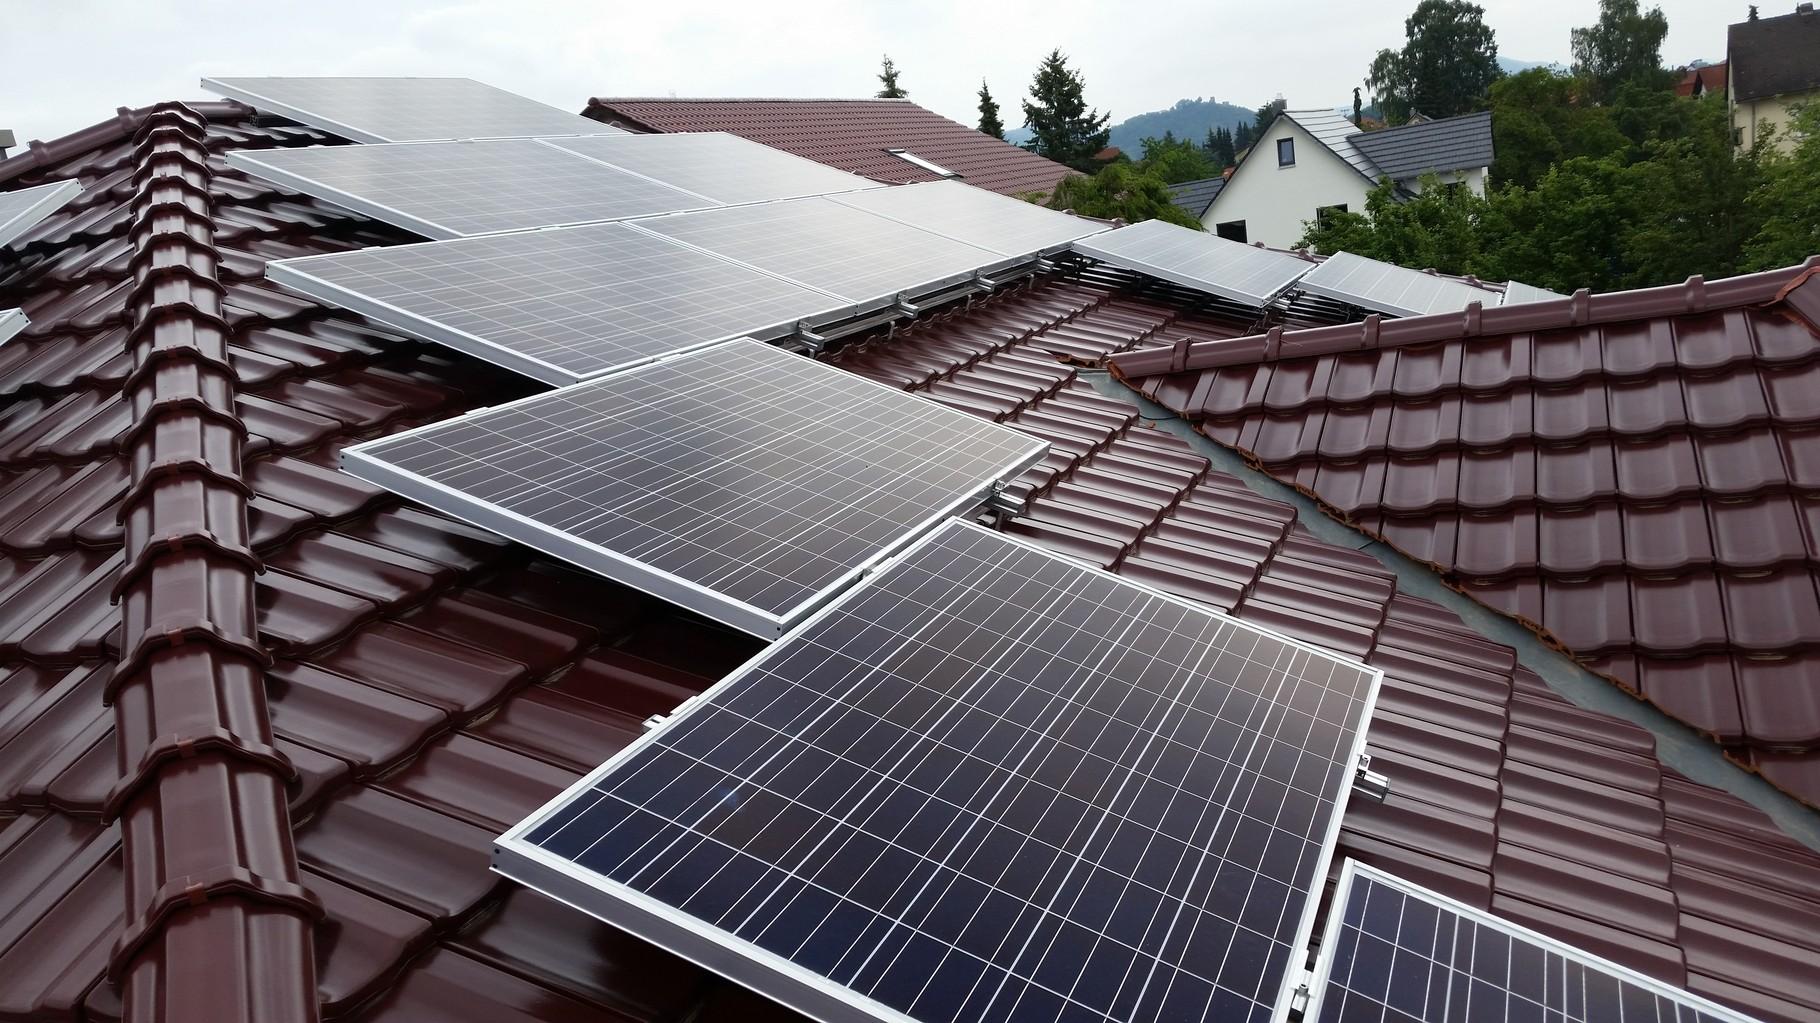 10 kWp Photovoltaikanlage 93105 Tegernheim SHARP Modulen